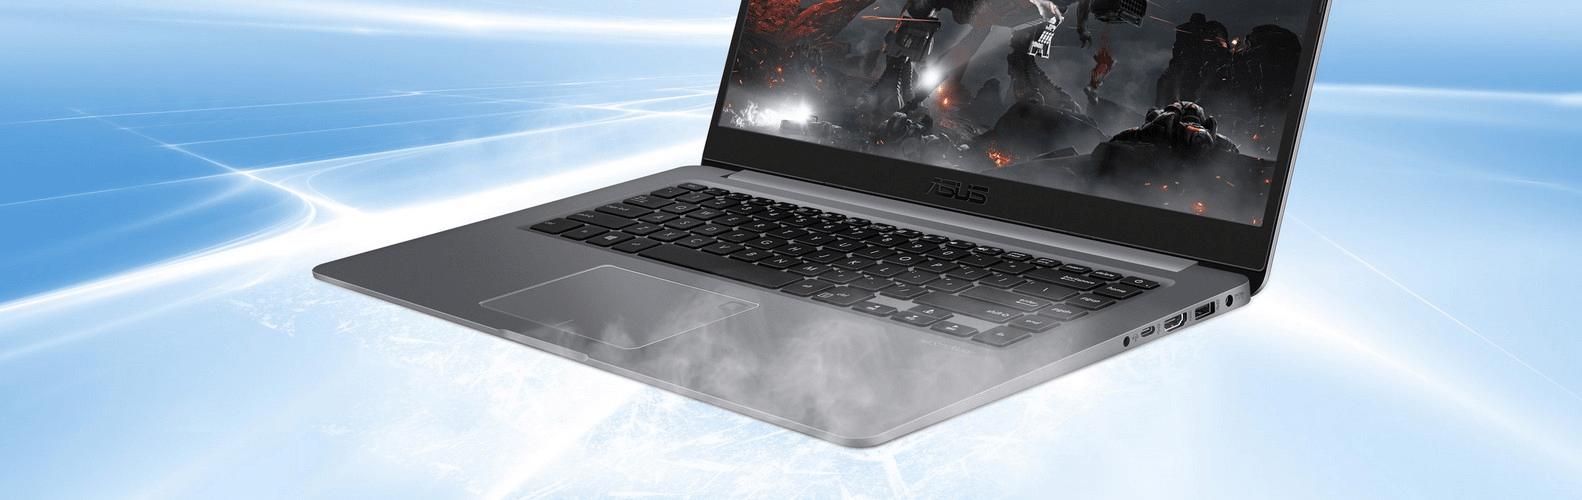 Vaše PC zůstává stále chladné — i po několika hodinách intenzivního provozu